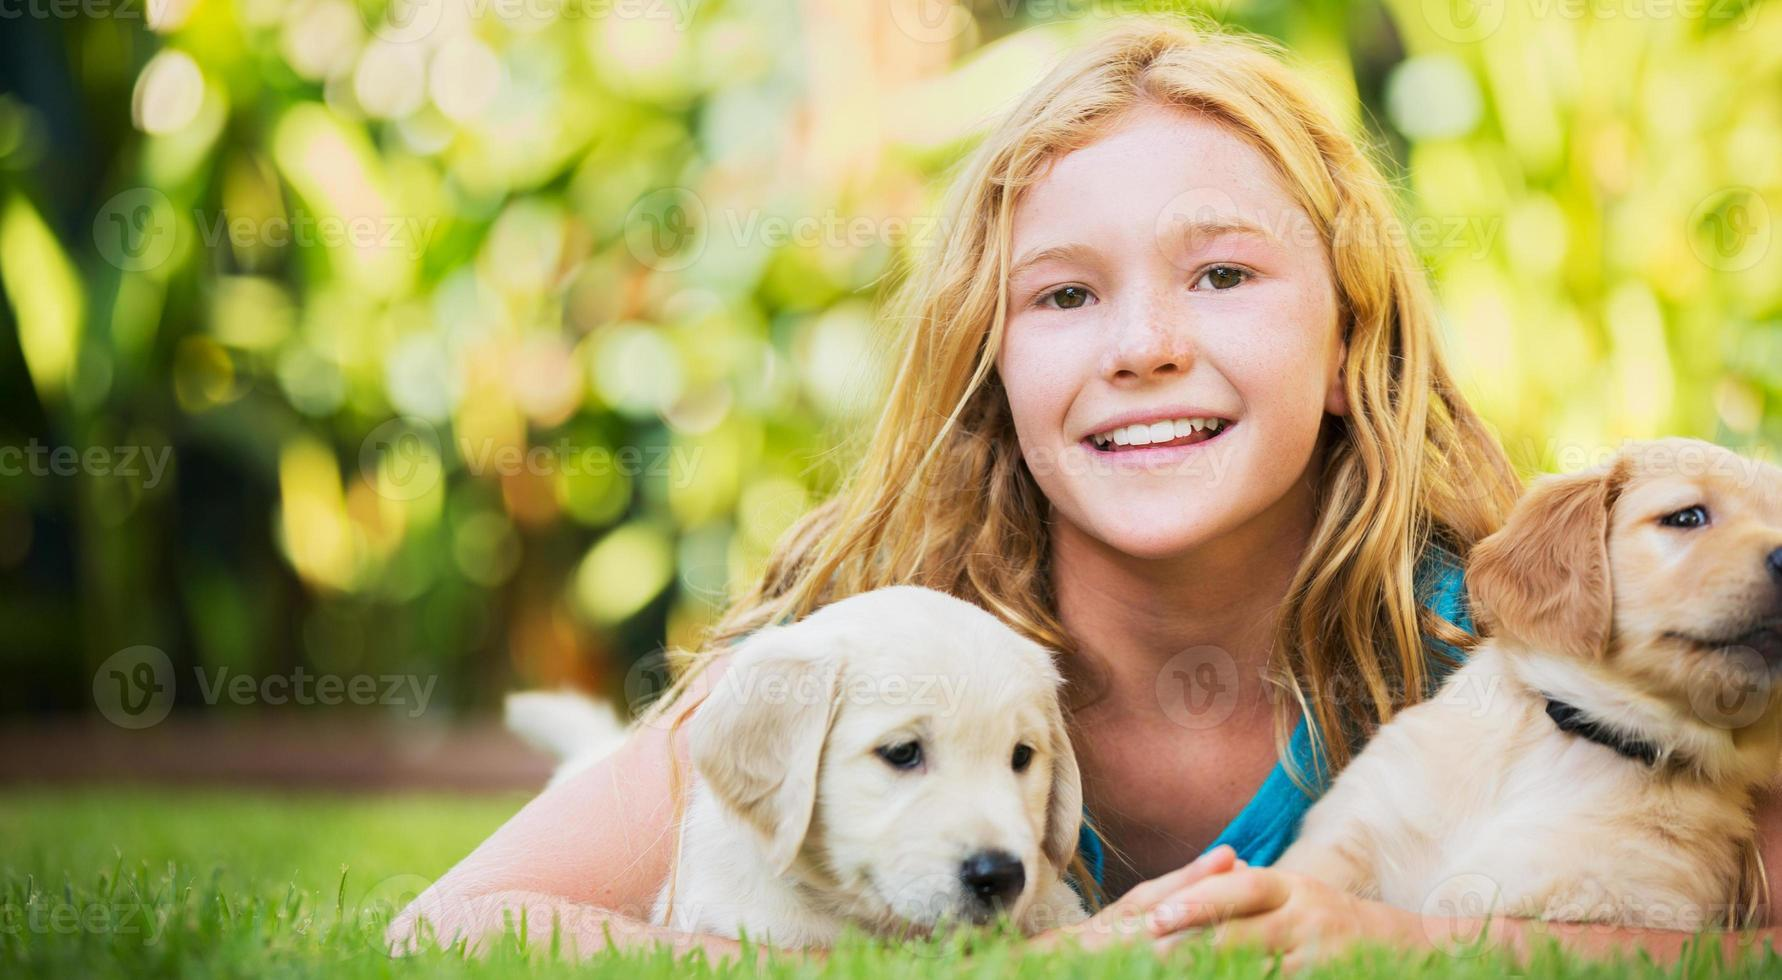 söt ung flicka med valpar foto